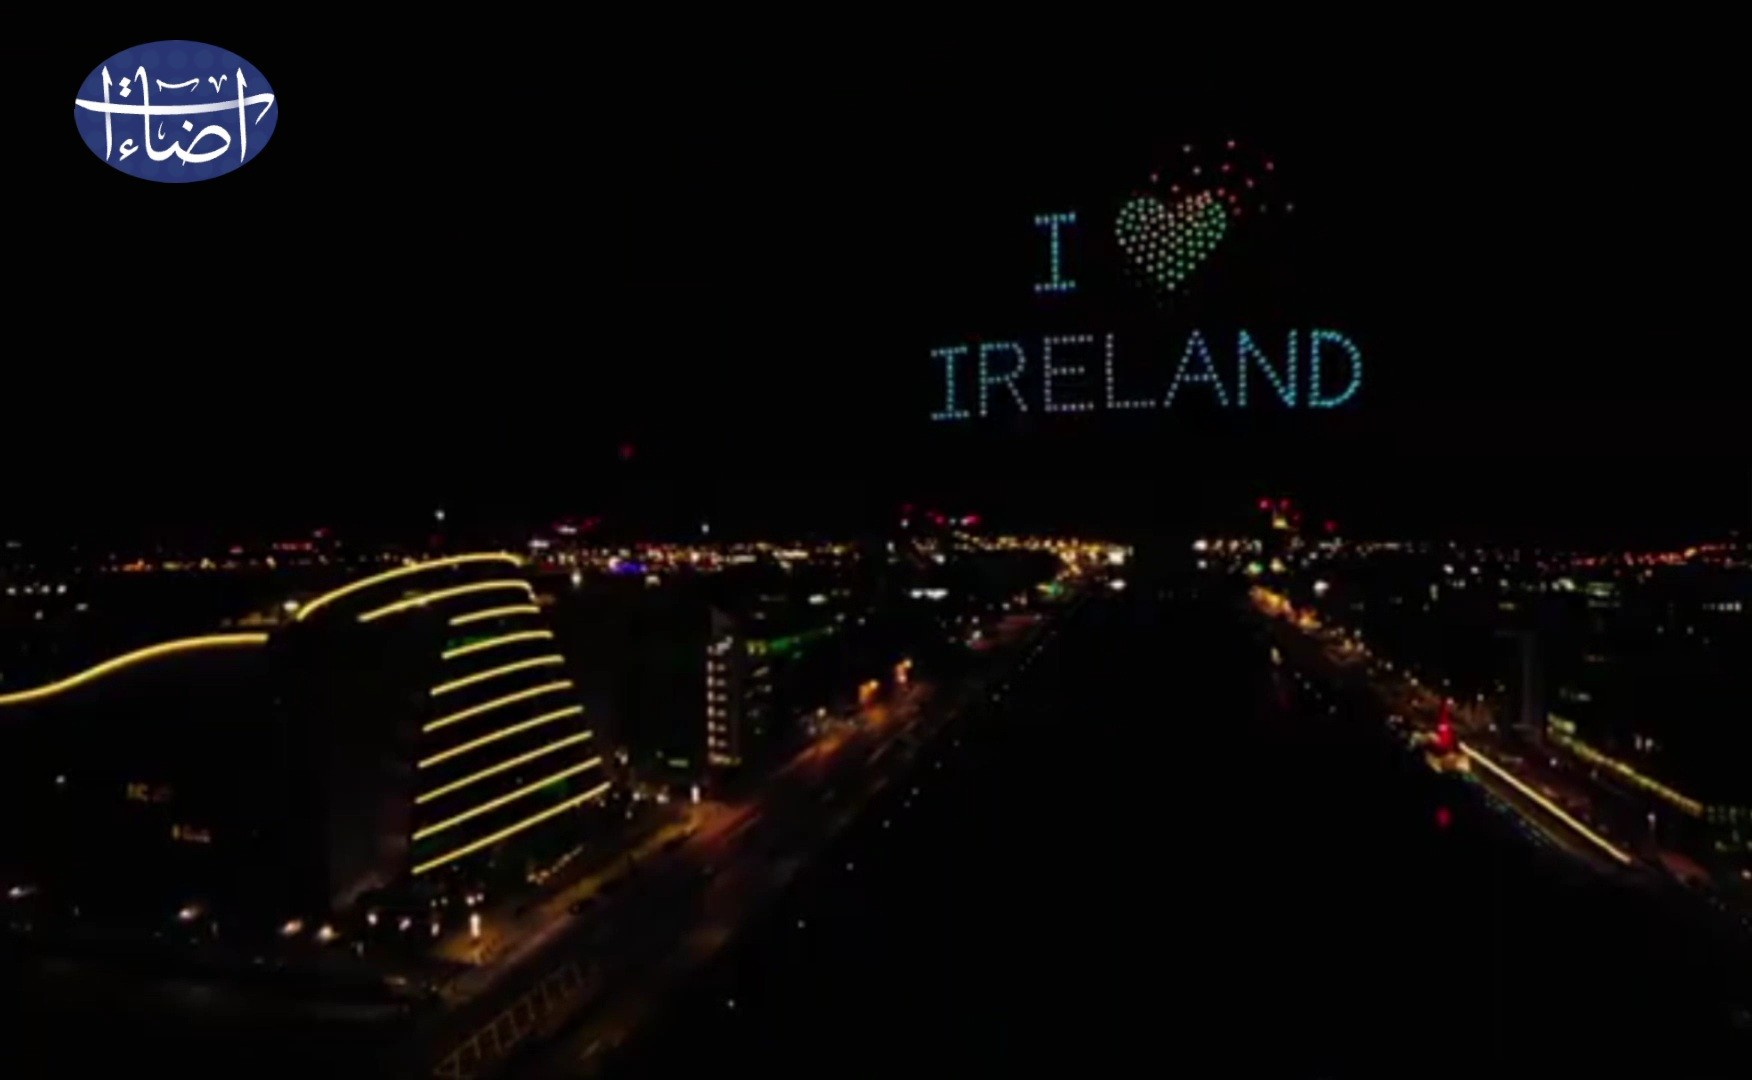 عرض طائرات من دون طيار تضيء سماء ايرلندا احتفالا بعيد القديس باتريك